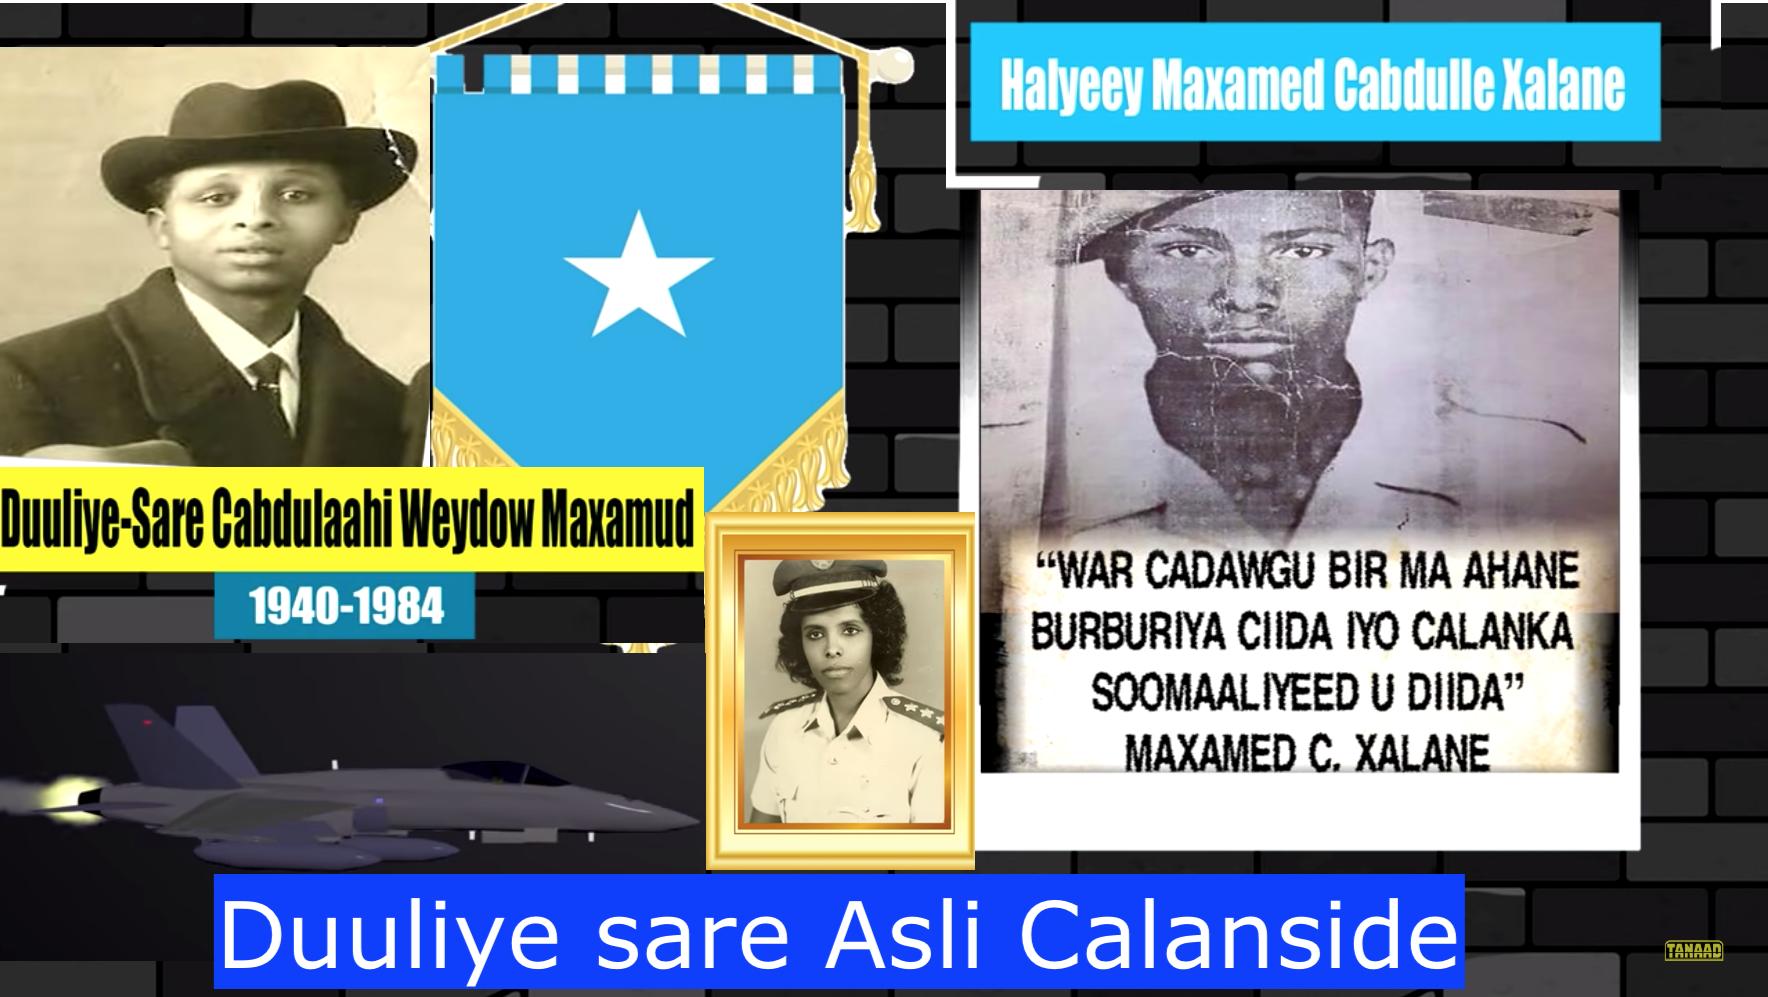 [Daawo] geesiyadii Soomaaliyeed ee taariikhda galay iyo maxaadse ka ogtahay mucjisooyin u gaara Somalida